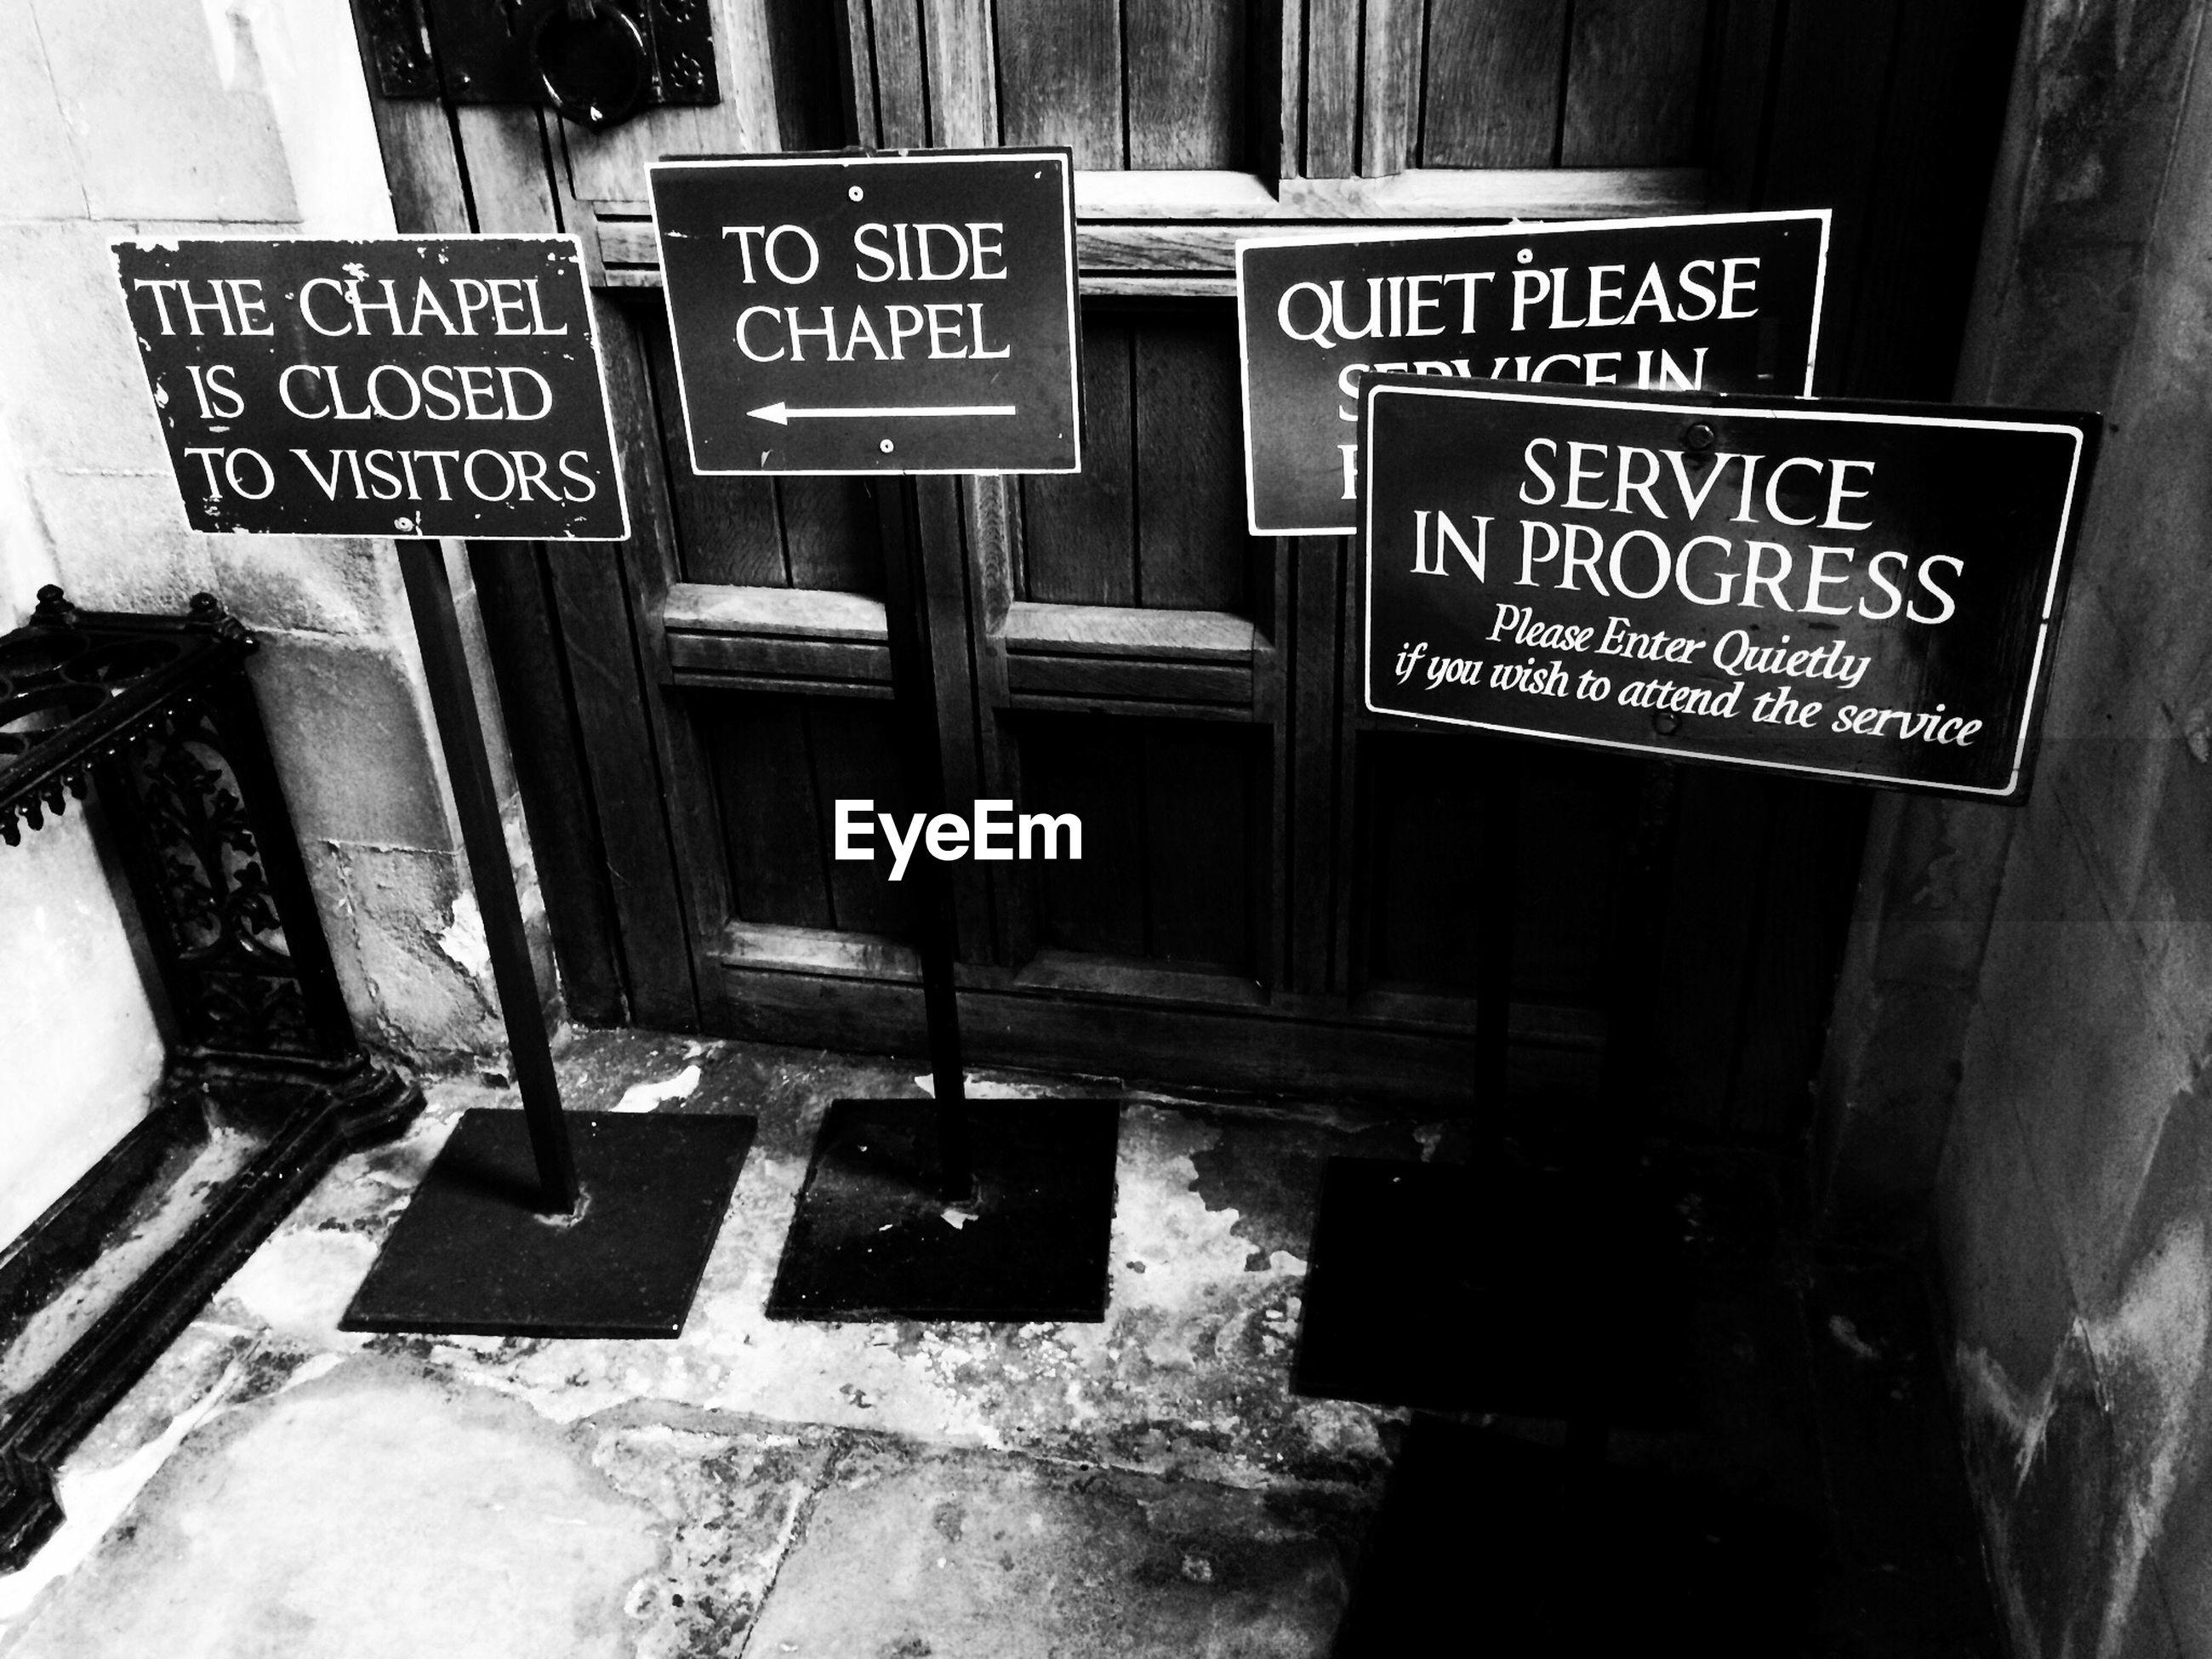 Information signs in front of door